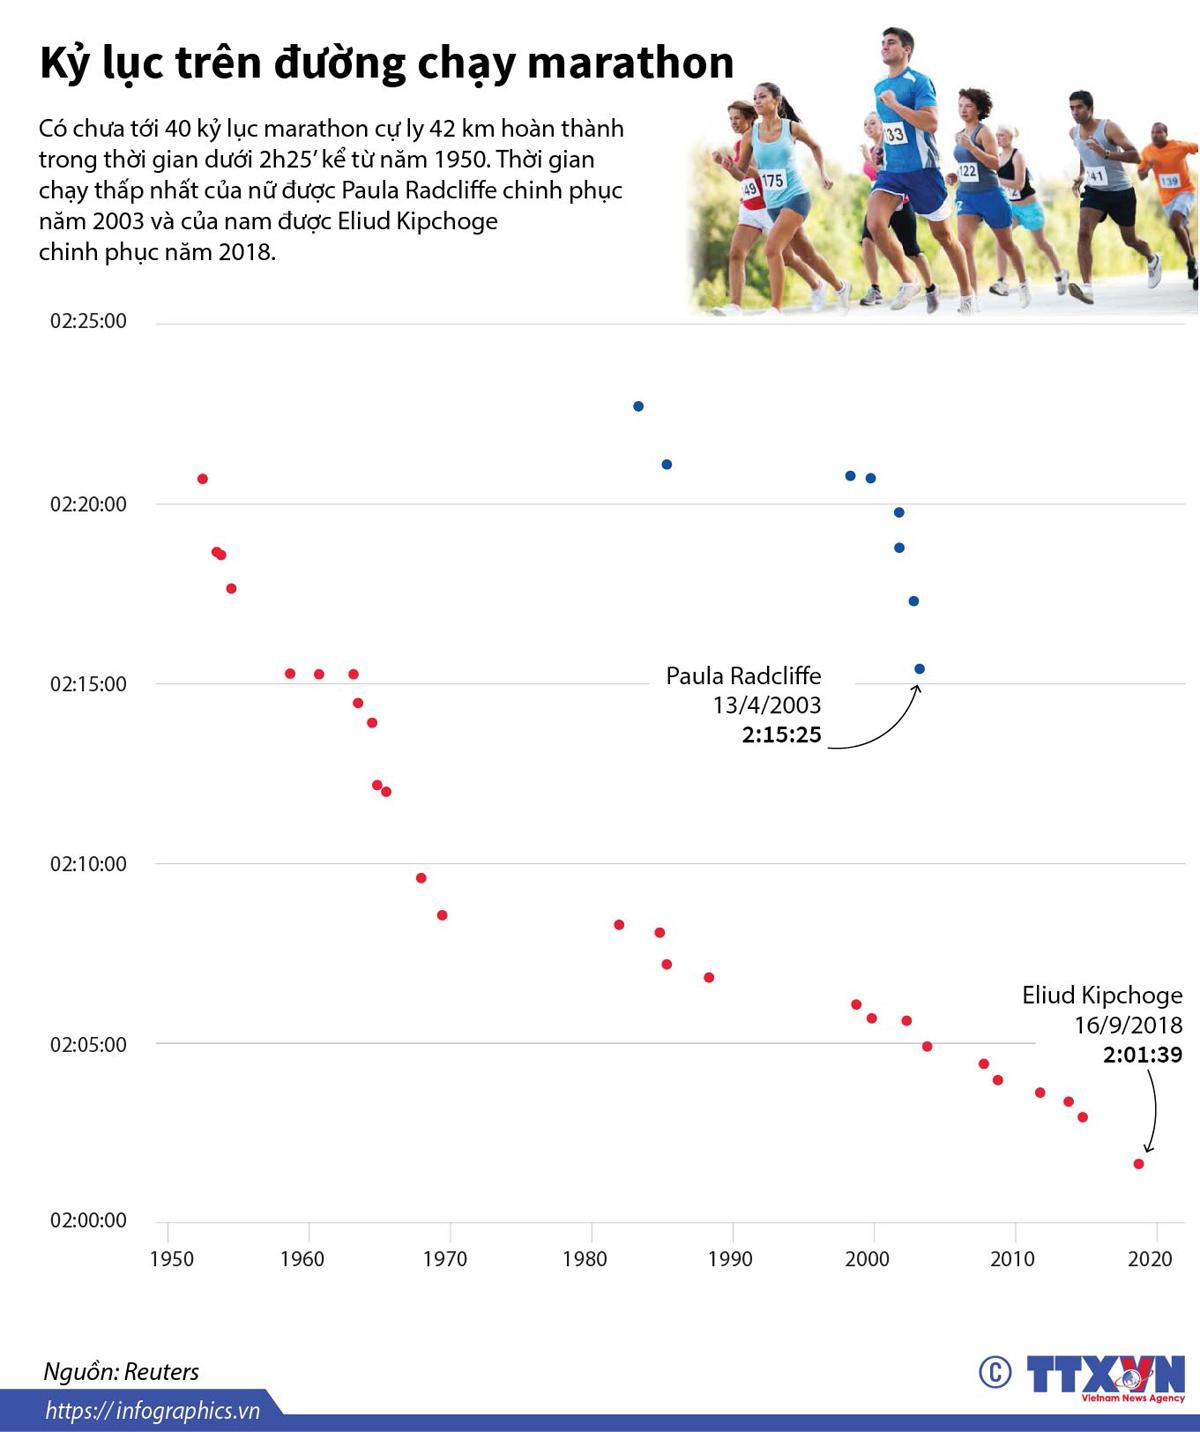 thể thao, nghệ thuật, kỷ lục đường chạy marathon